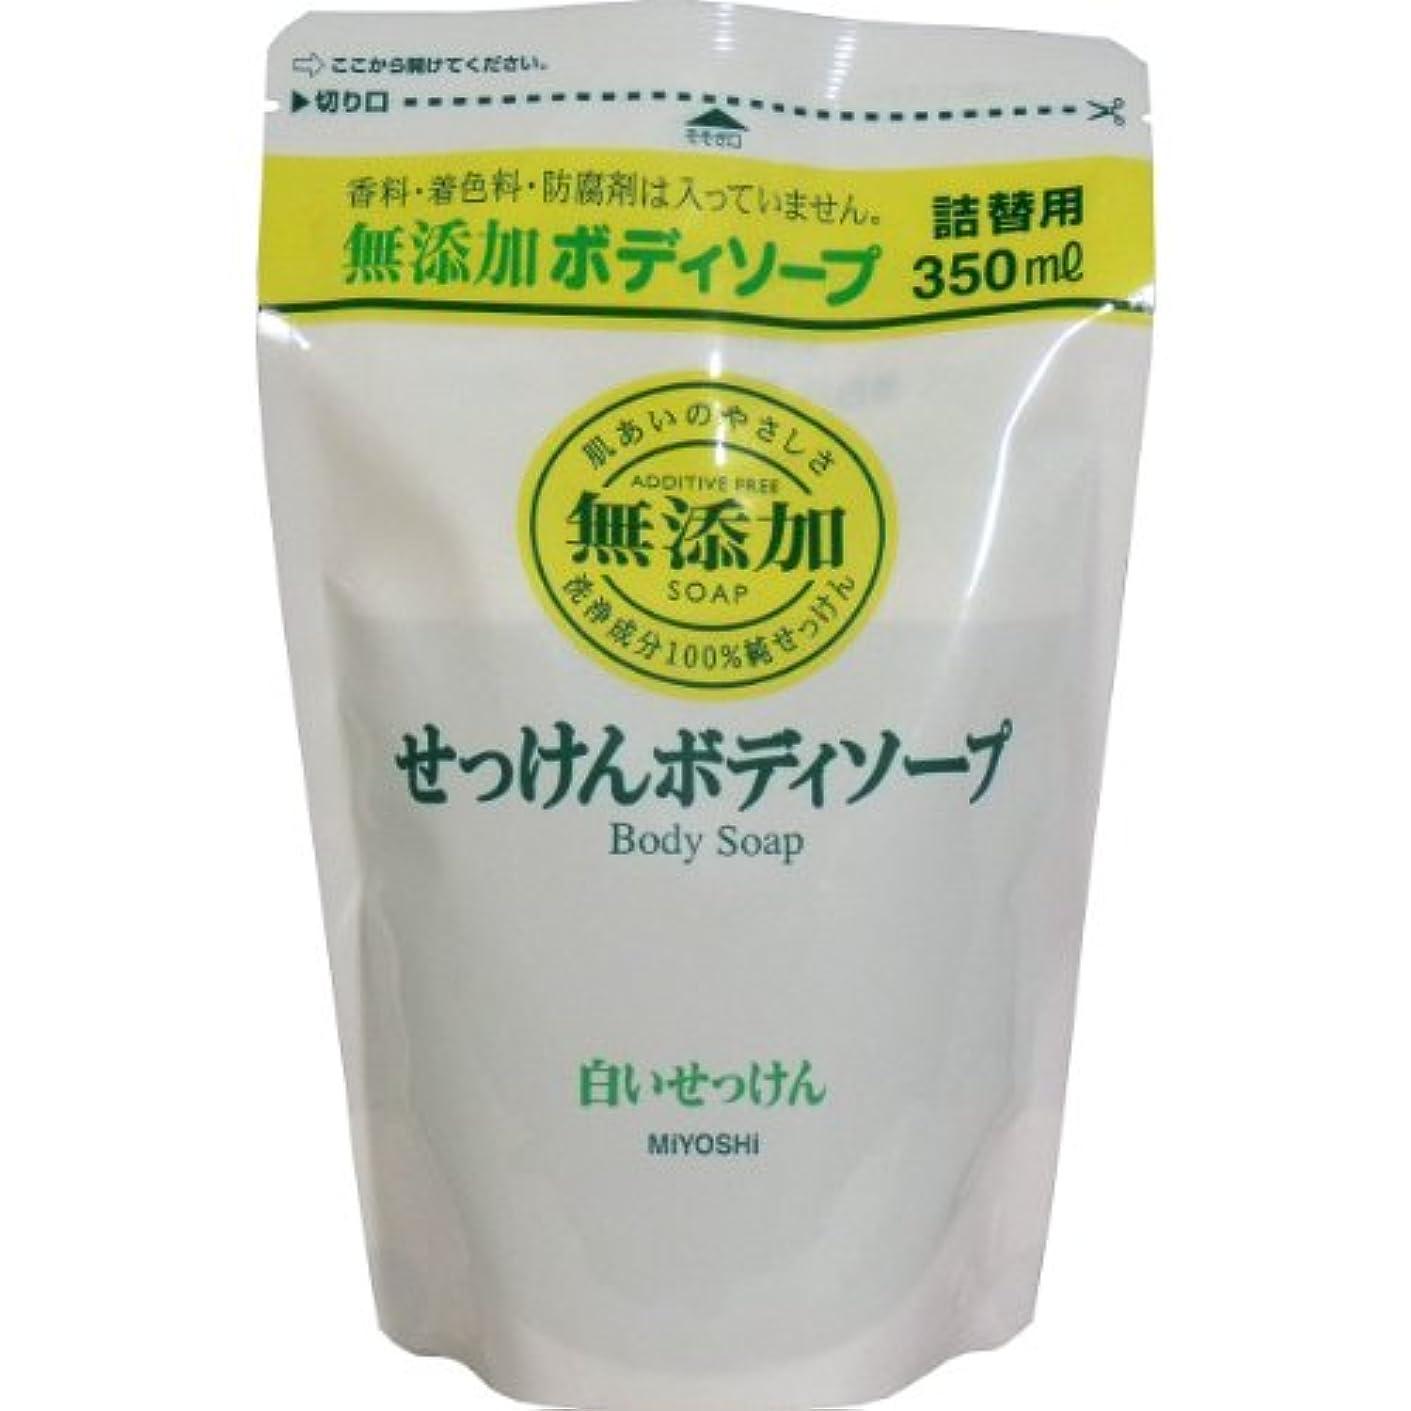 運動する価値バルブミヨシ 無添加 ボディソープ 白い石けん つめかえ用 350ml(無添加石鹸) x 10個セット